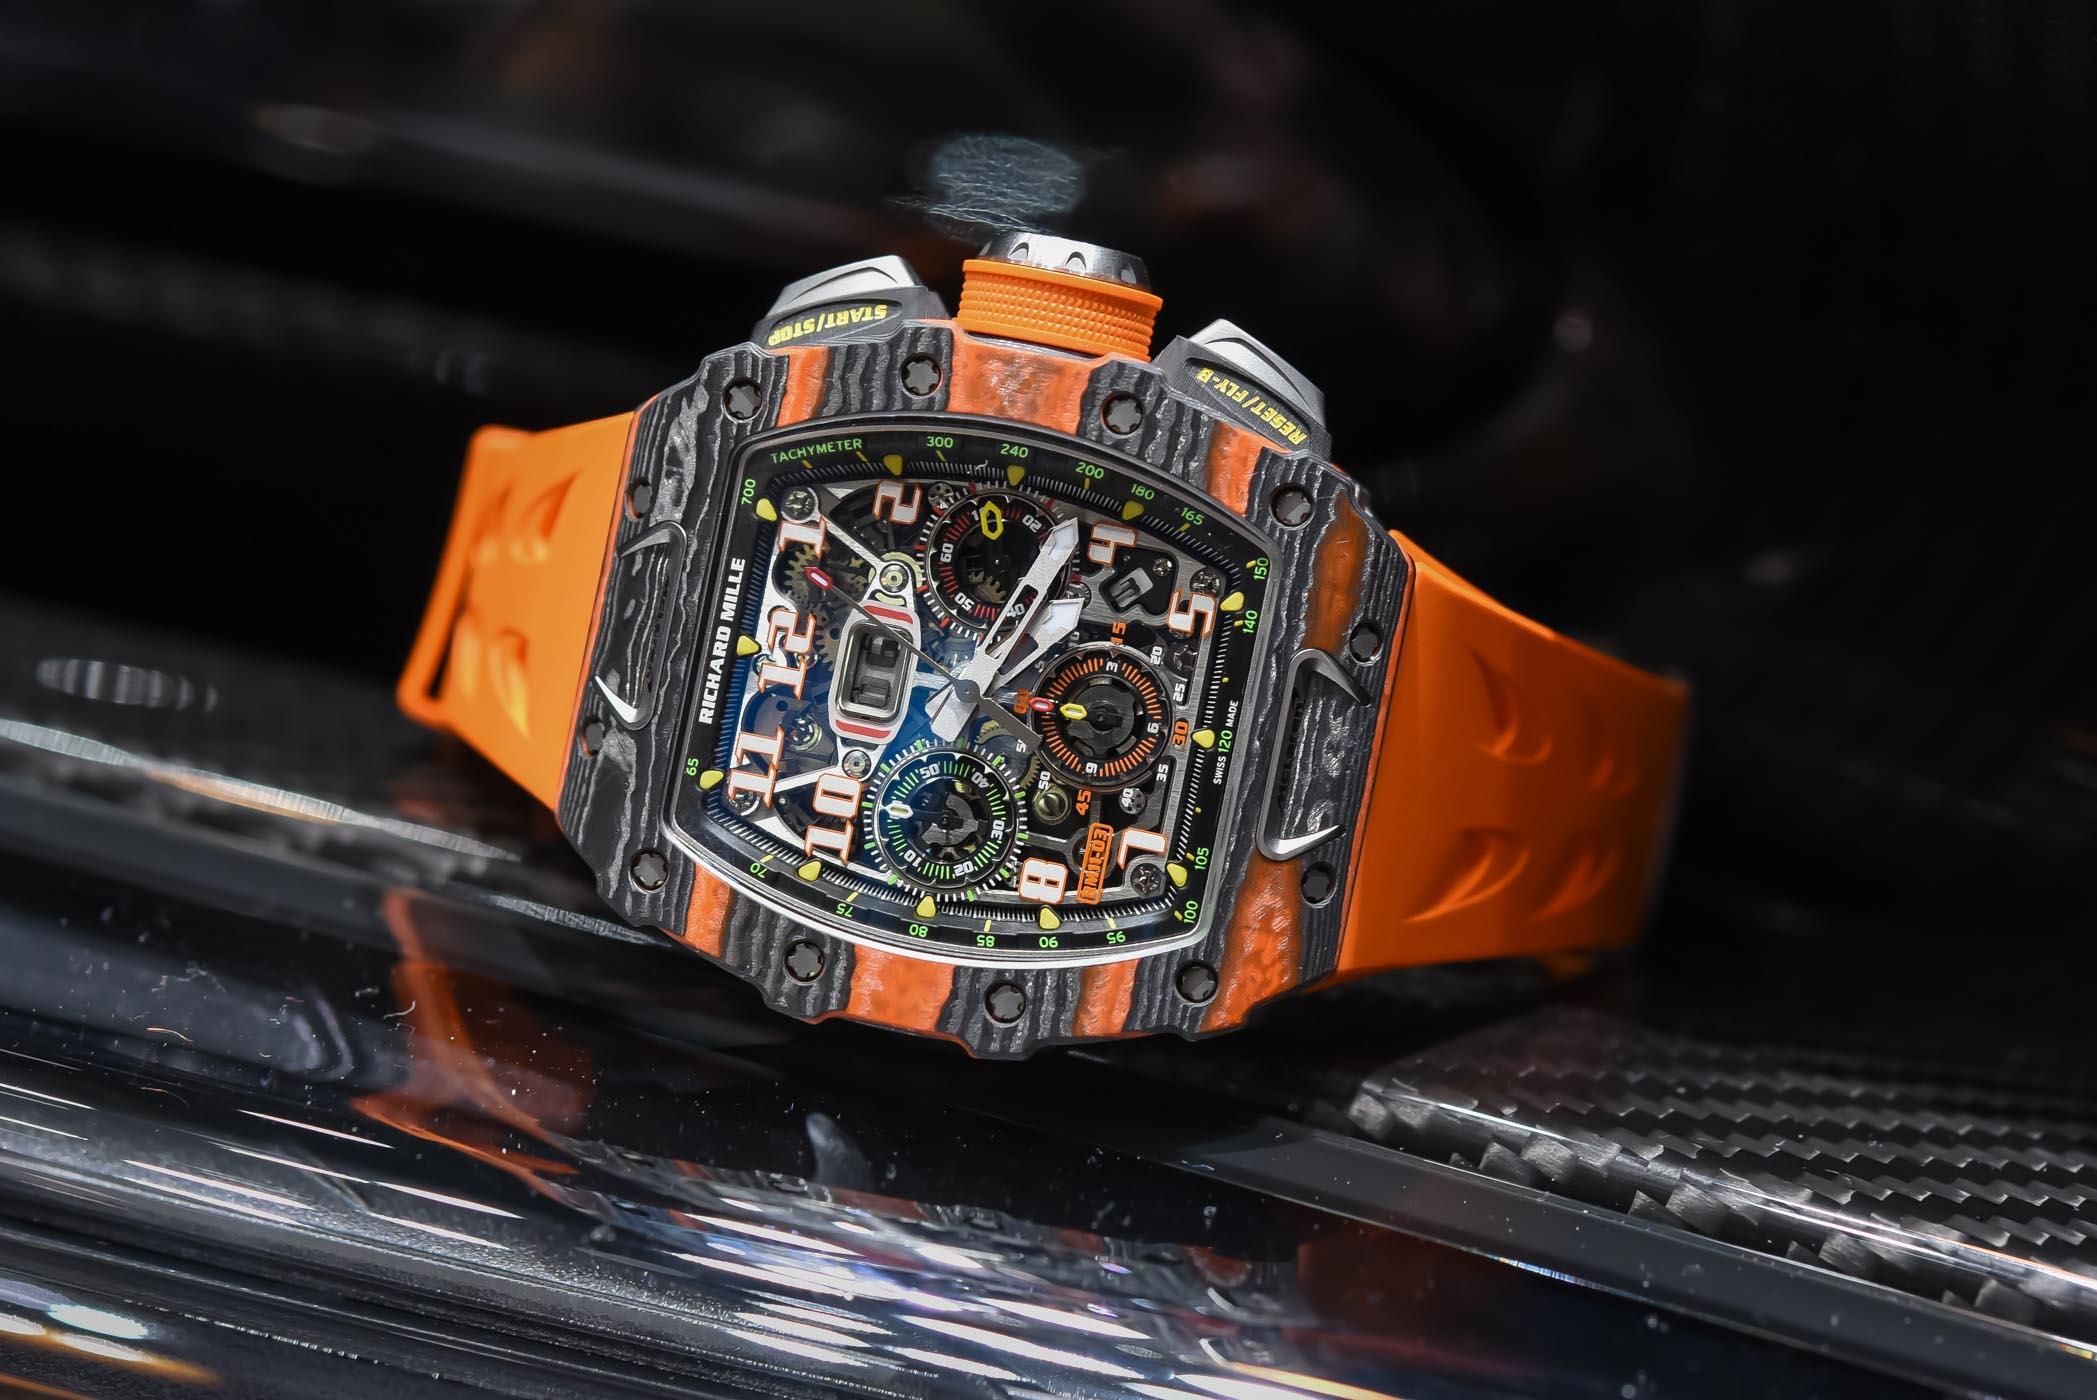 6 Mẫu đồng hồ được trang bị dây đeo cao su tốt nhất hiện nay